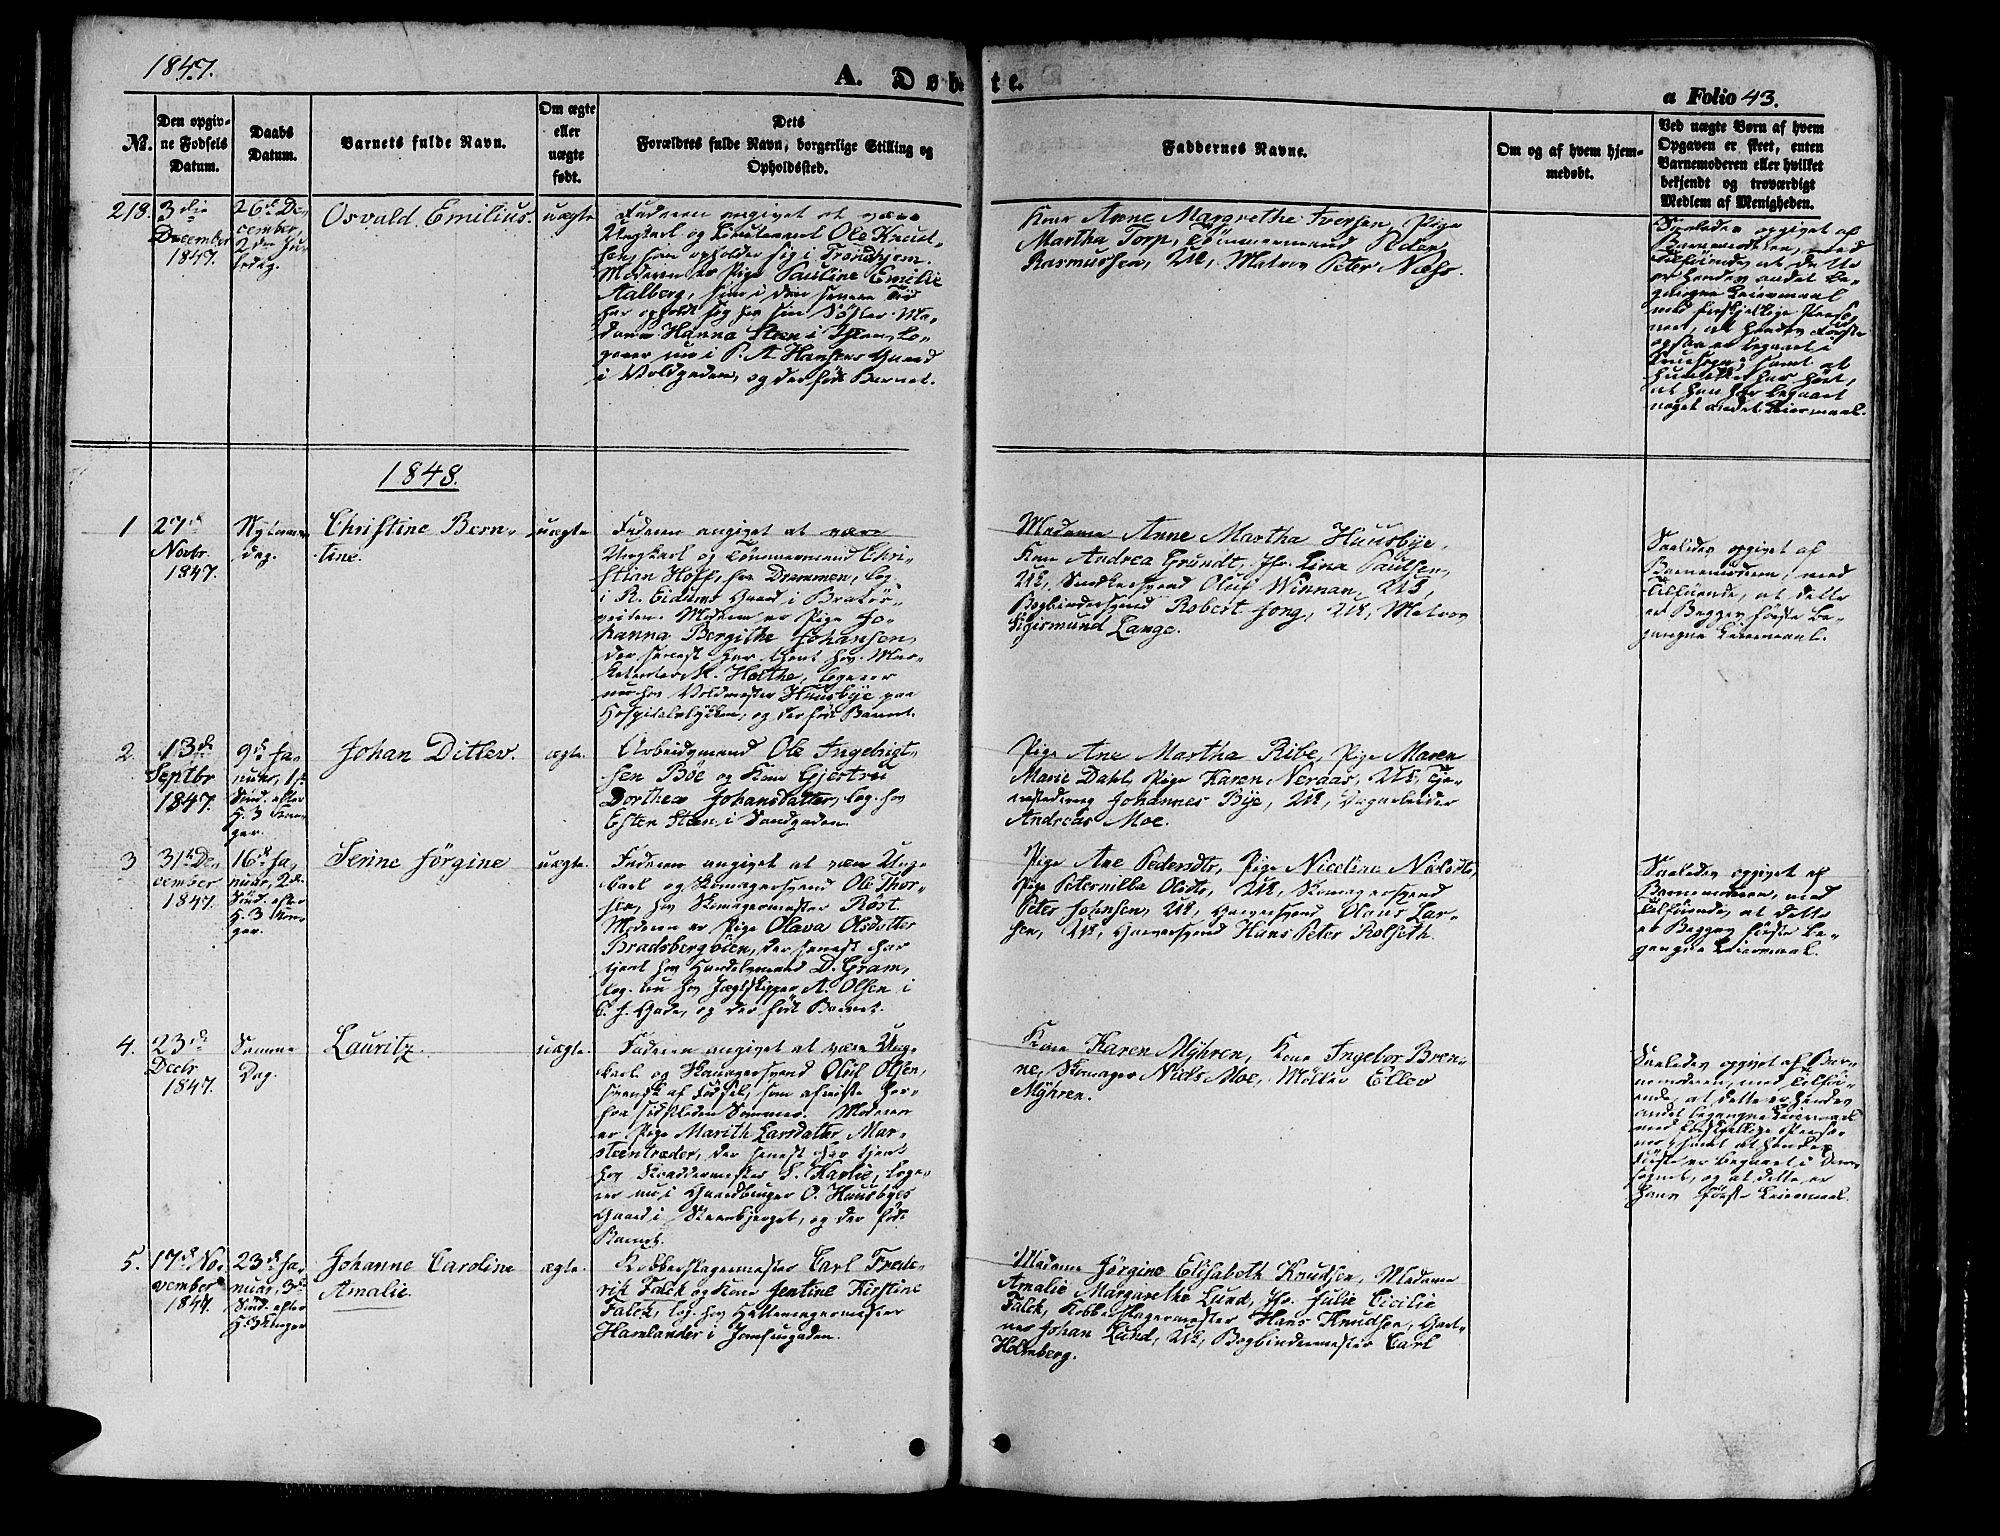 SAT, Ministerialprotokoller, klokkerbøker og fødselsregistre - Sør-Trøndelag, 602/L0137: Klokkerbok nr. 602C05, 1846-1856, s. 43